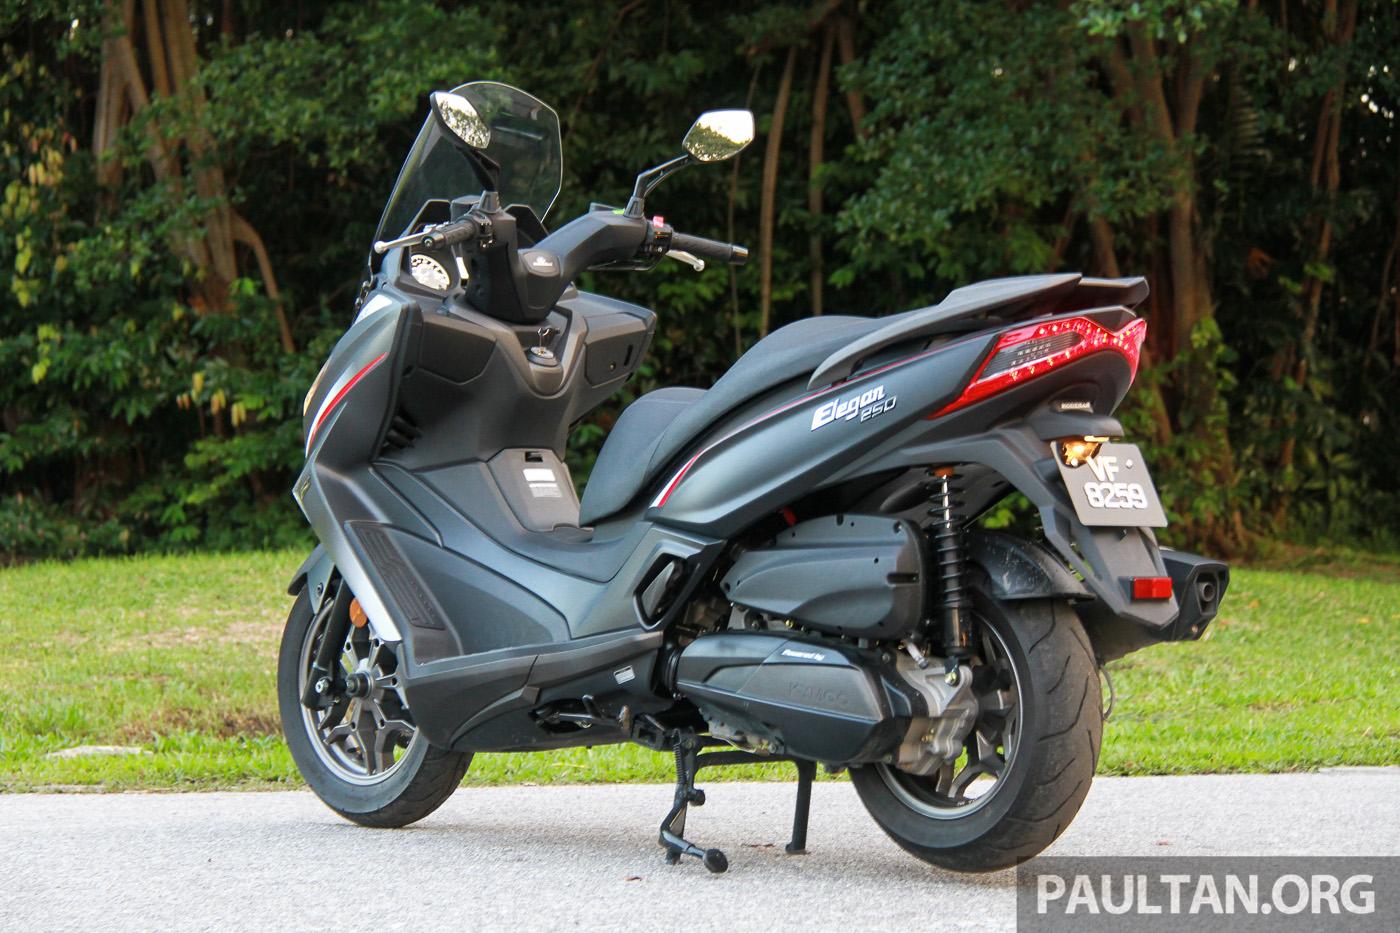 Kawasaki Scooter Jreview